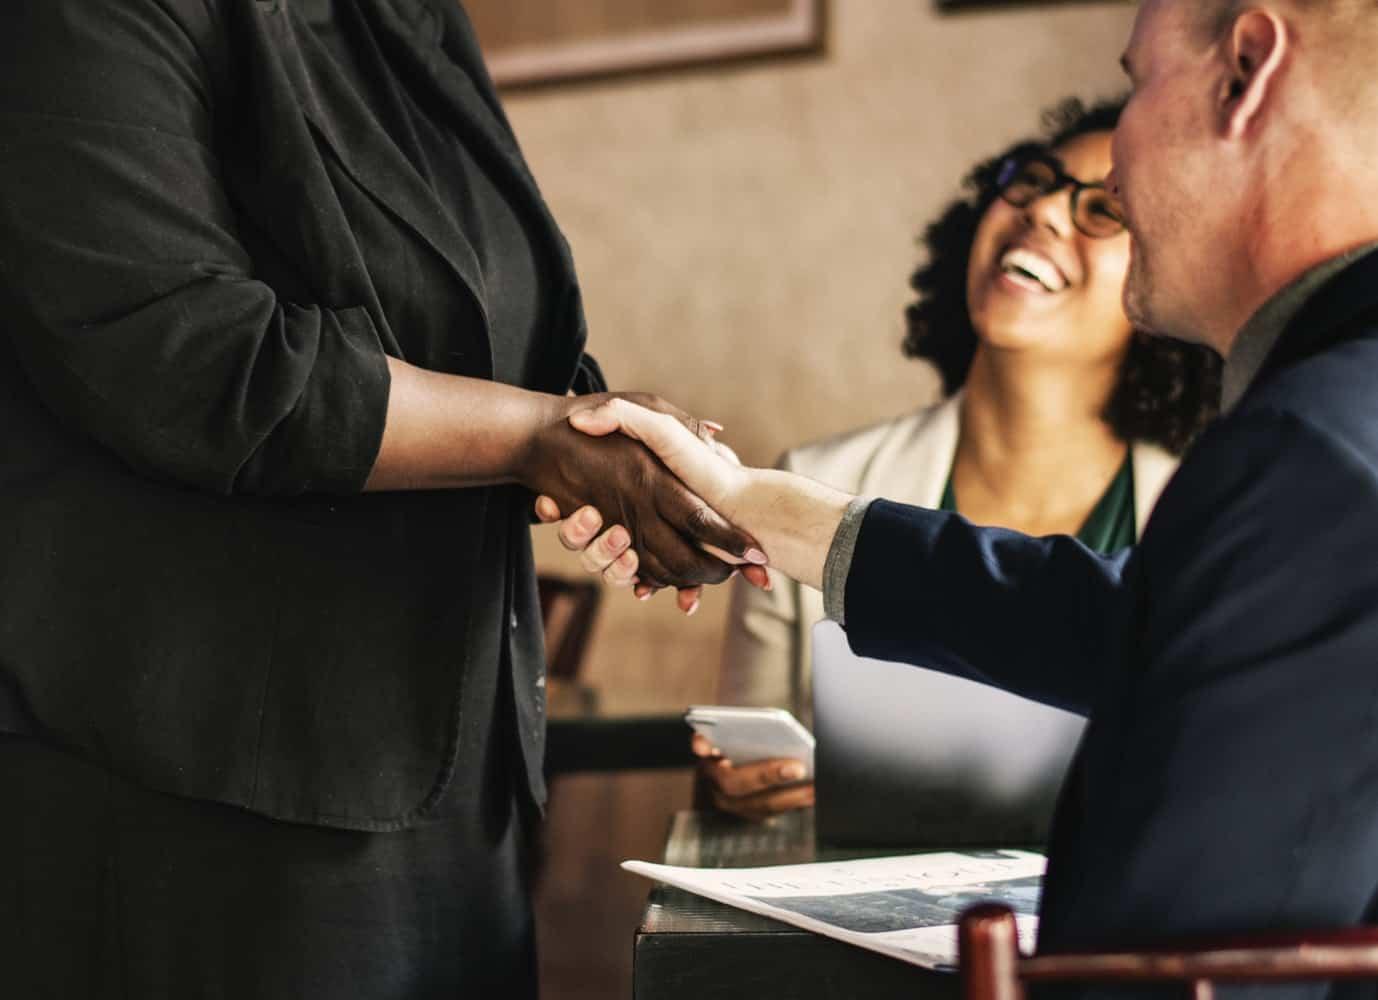 Entrepreneurs on a Budget: 7 Branding Tips